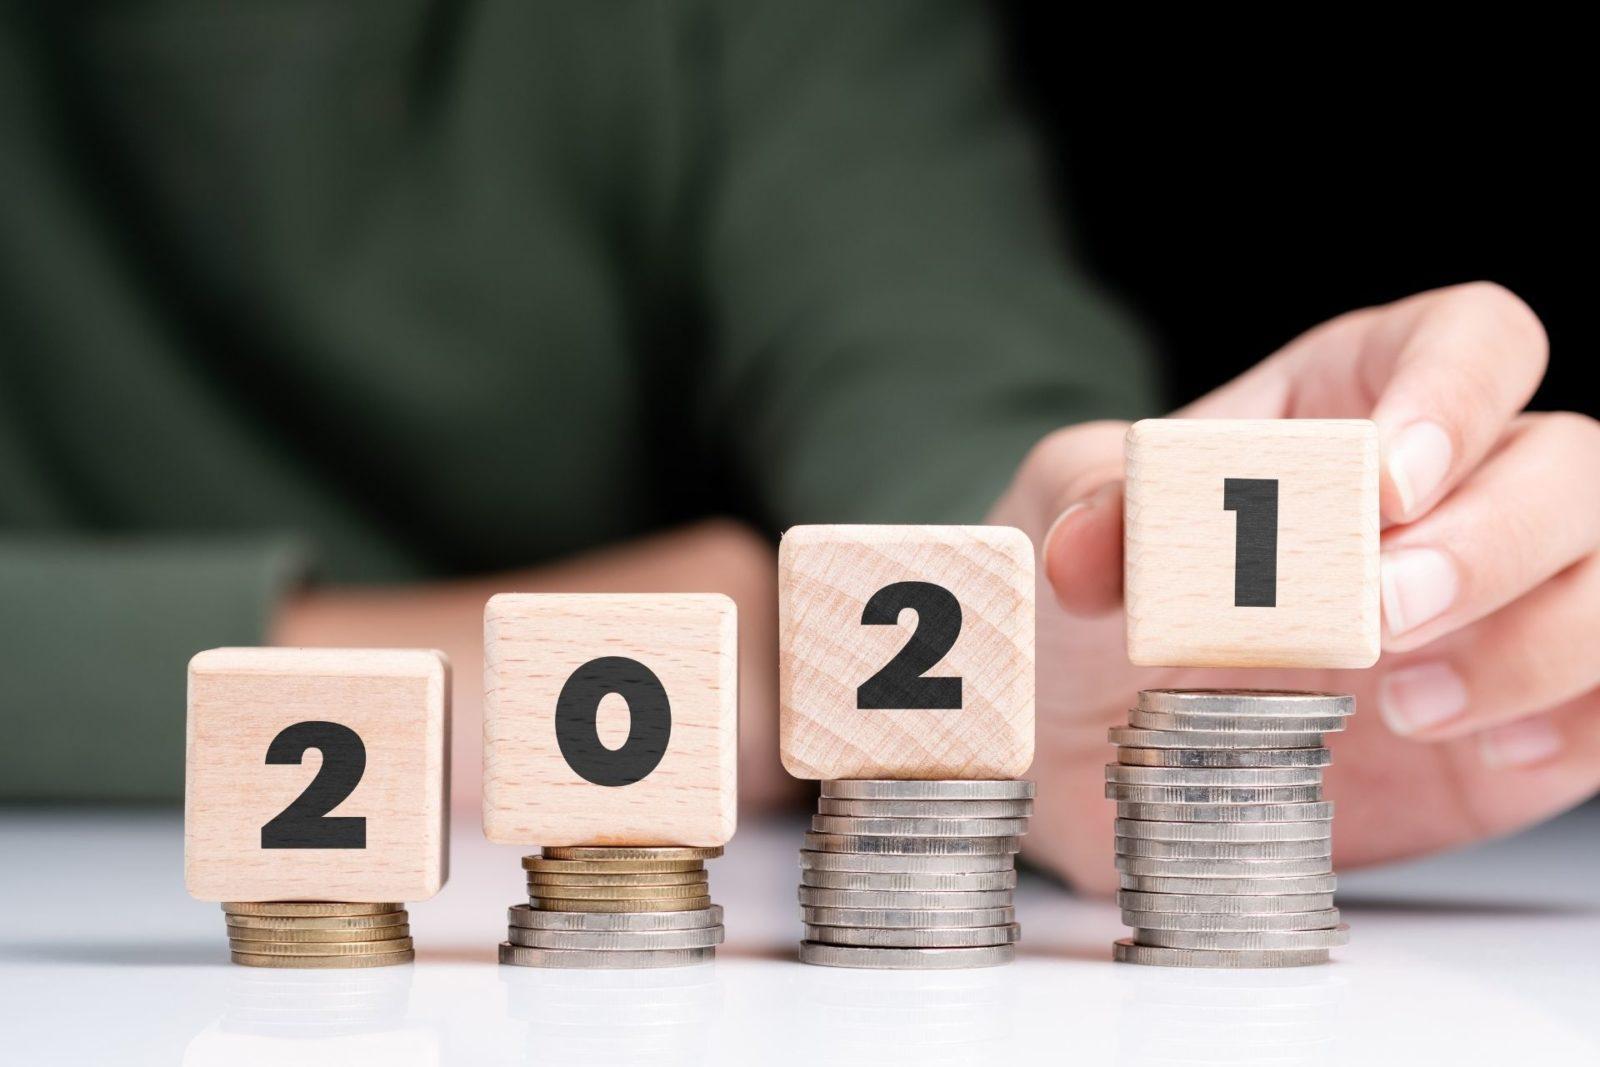 pagamento de precatorios federais 2021 veja lista empresa precato